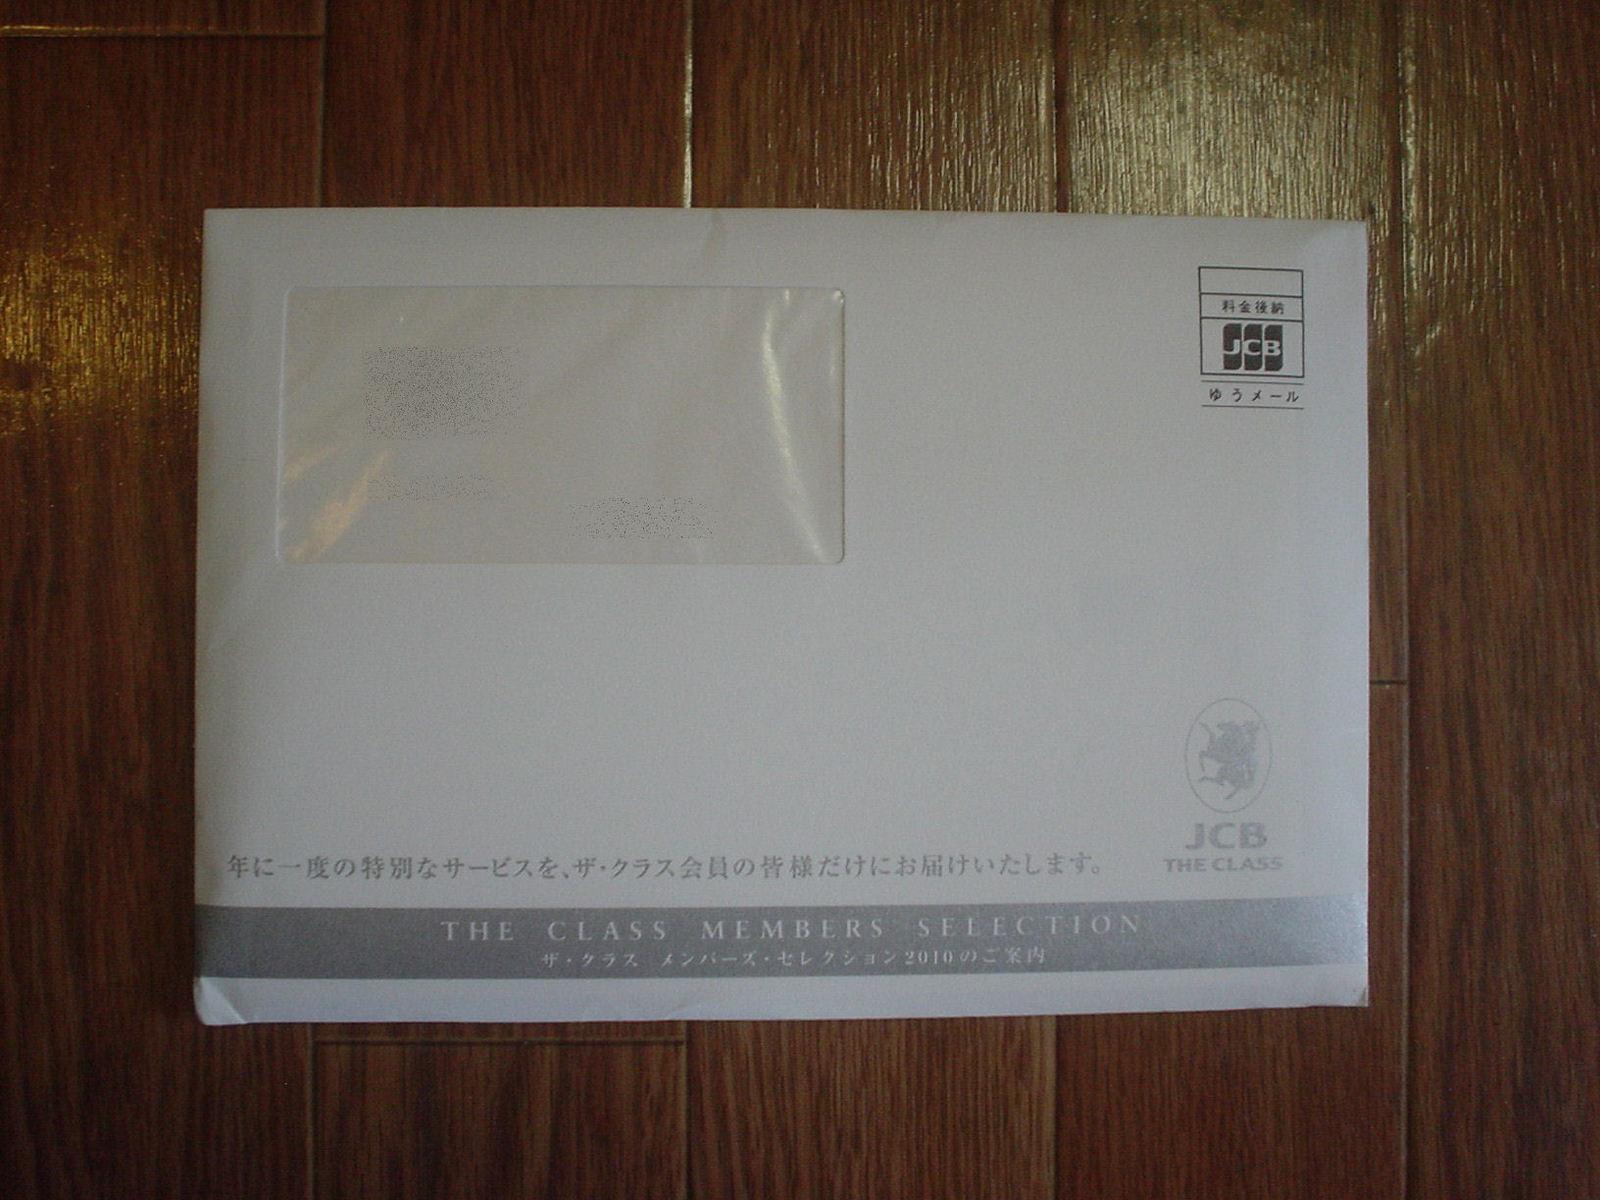 ザ・クラスのペガサスのマークが印刷された封筒が届きます